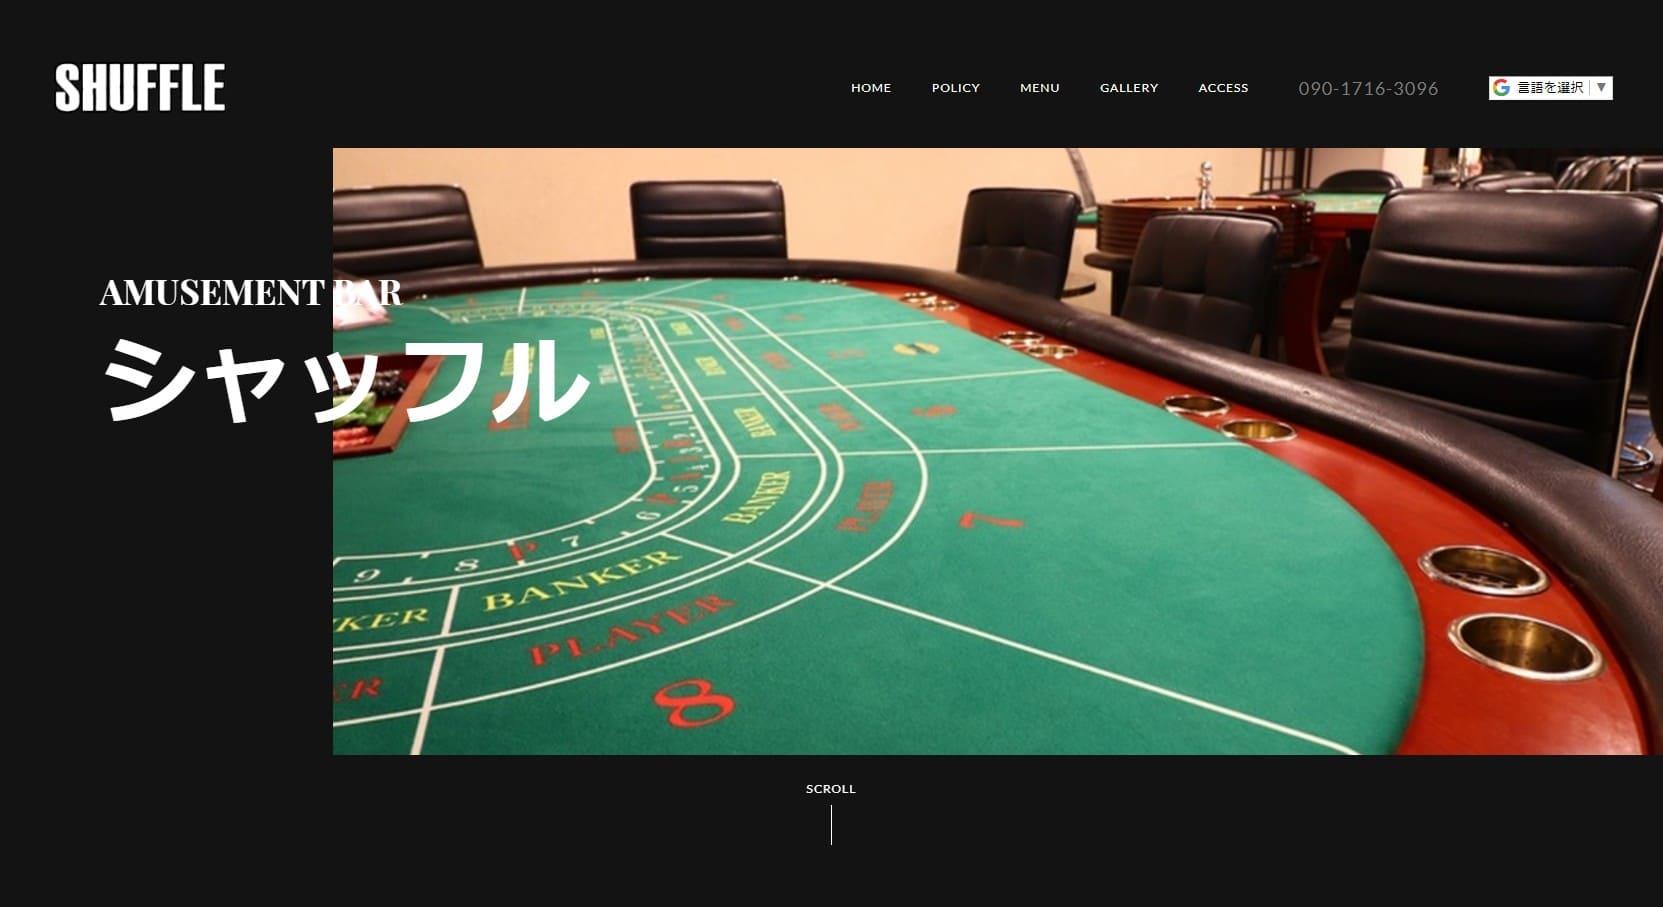 AMUSEMENT BAR SHUFFLEのウェブサイト画像。